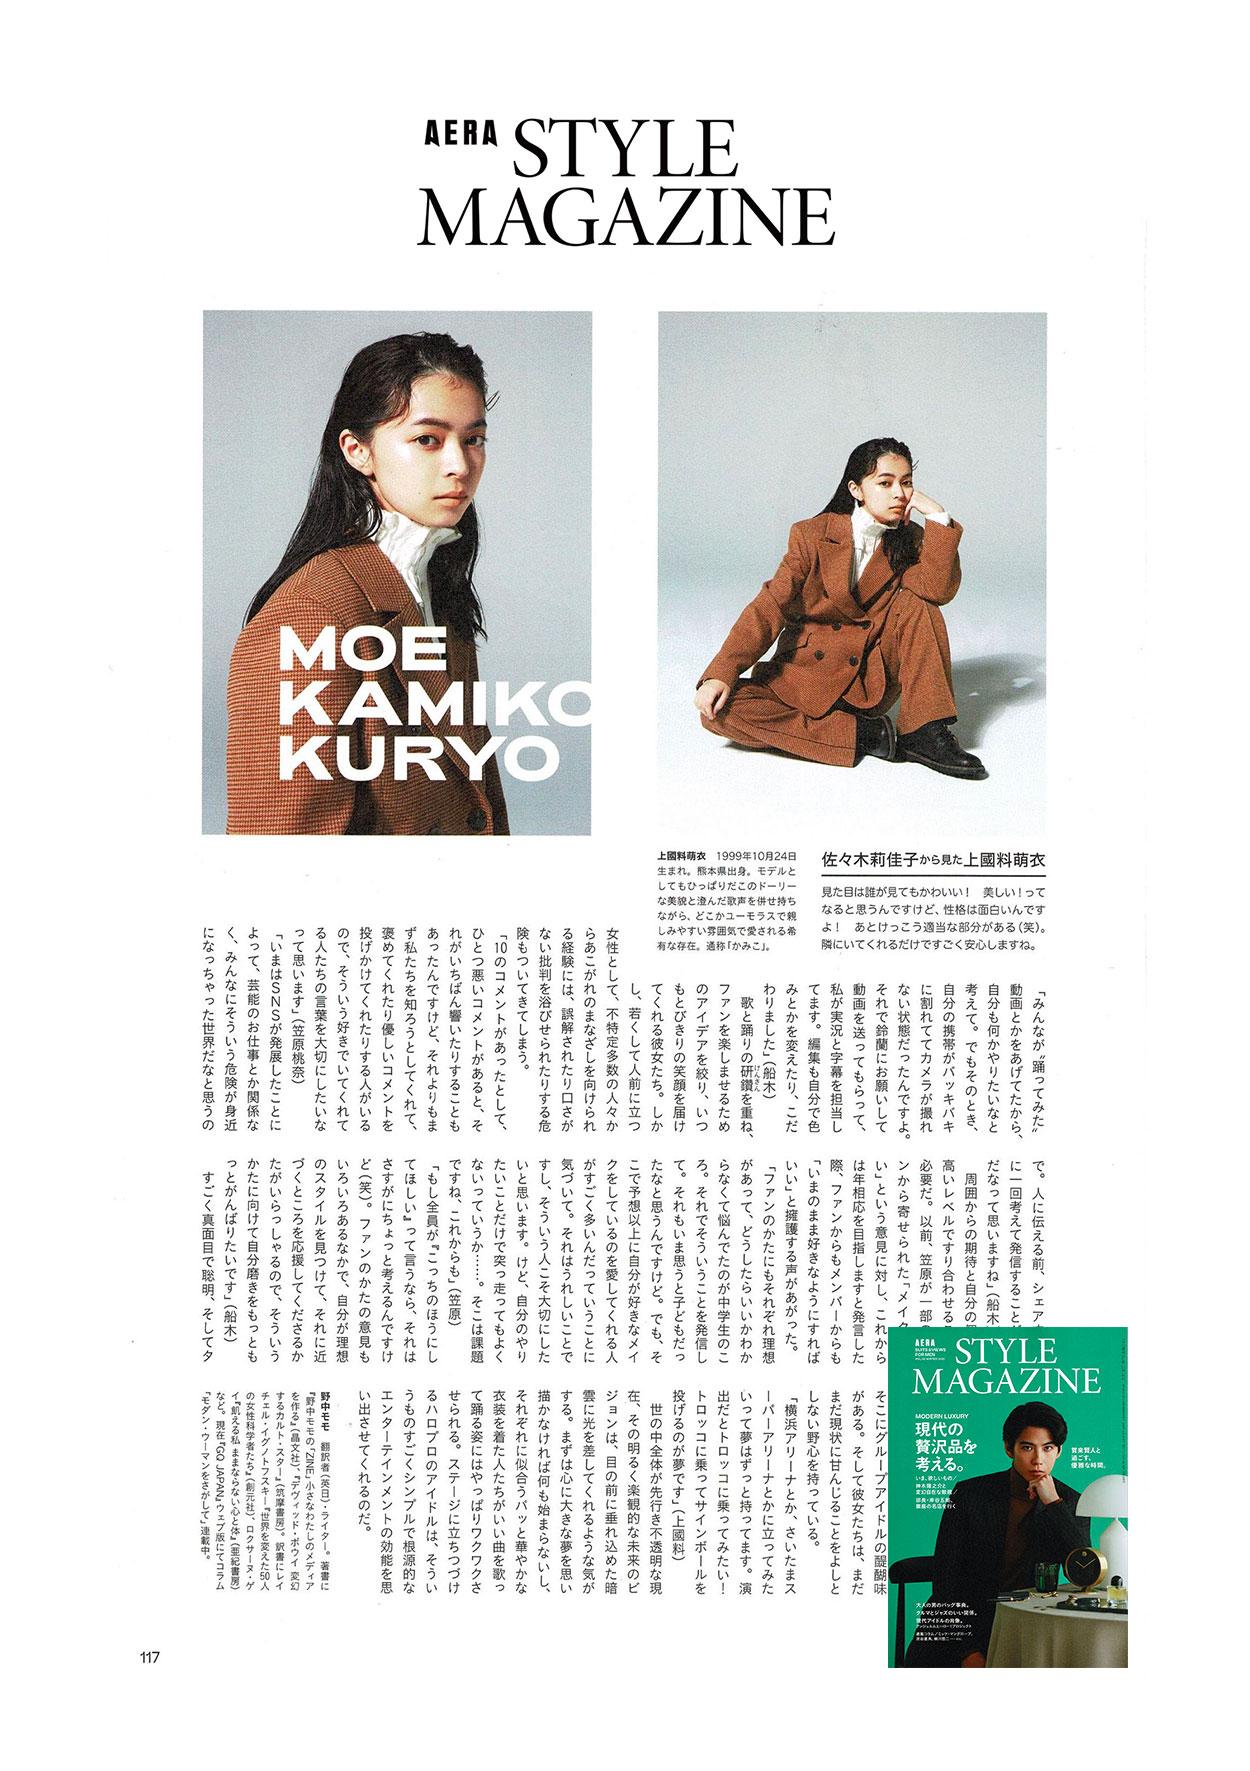 melampo-press-aera-style-magazine